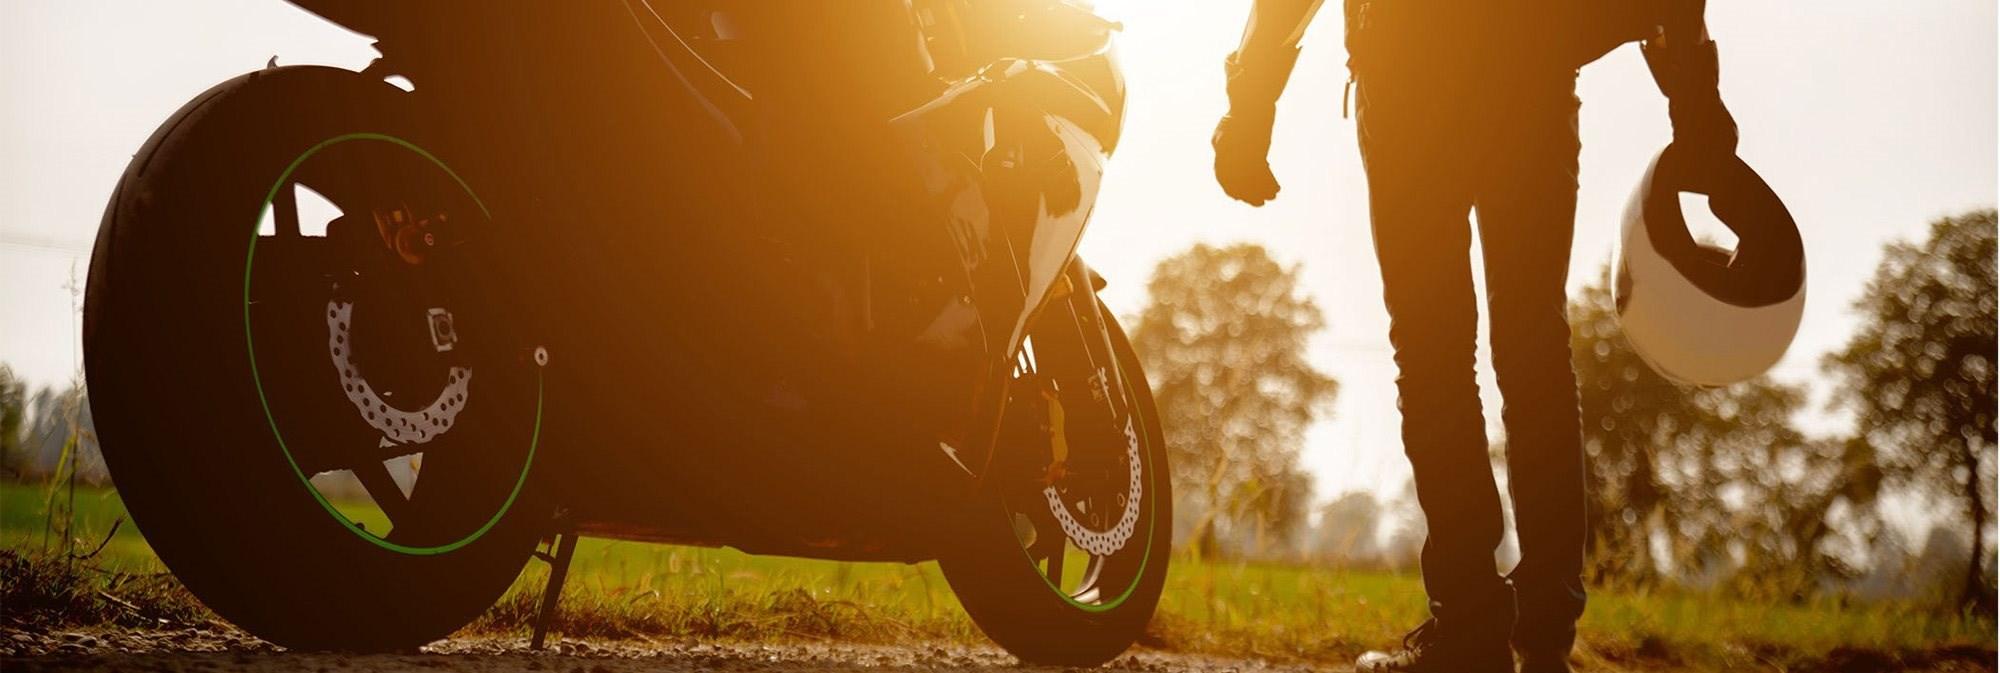 Motorrad Ankauf, Abholung und Verkauf